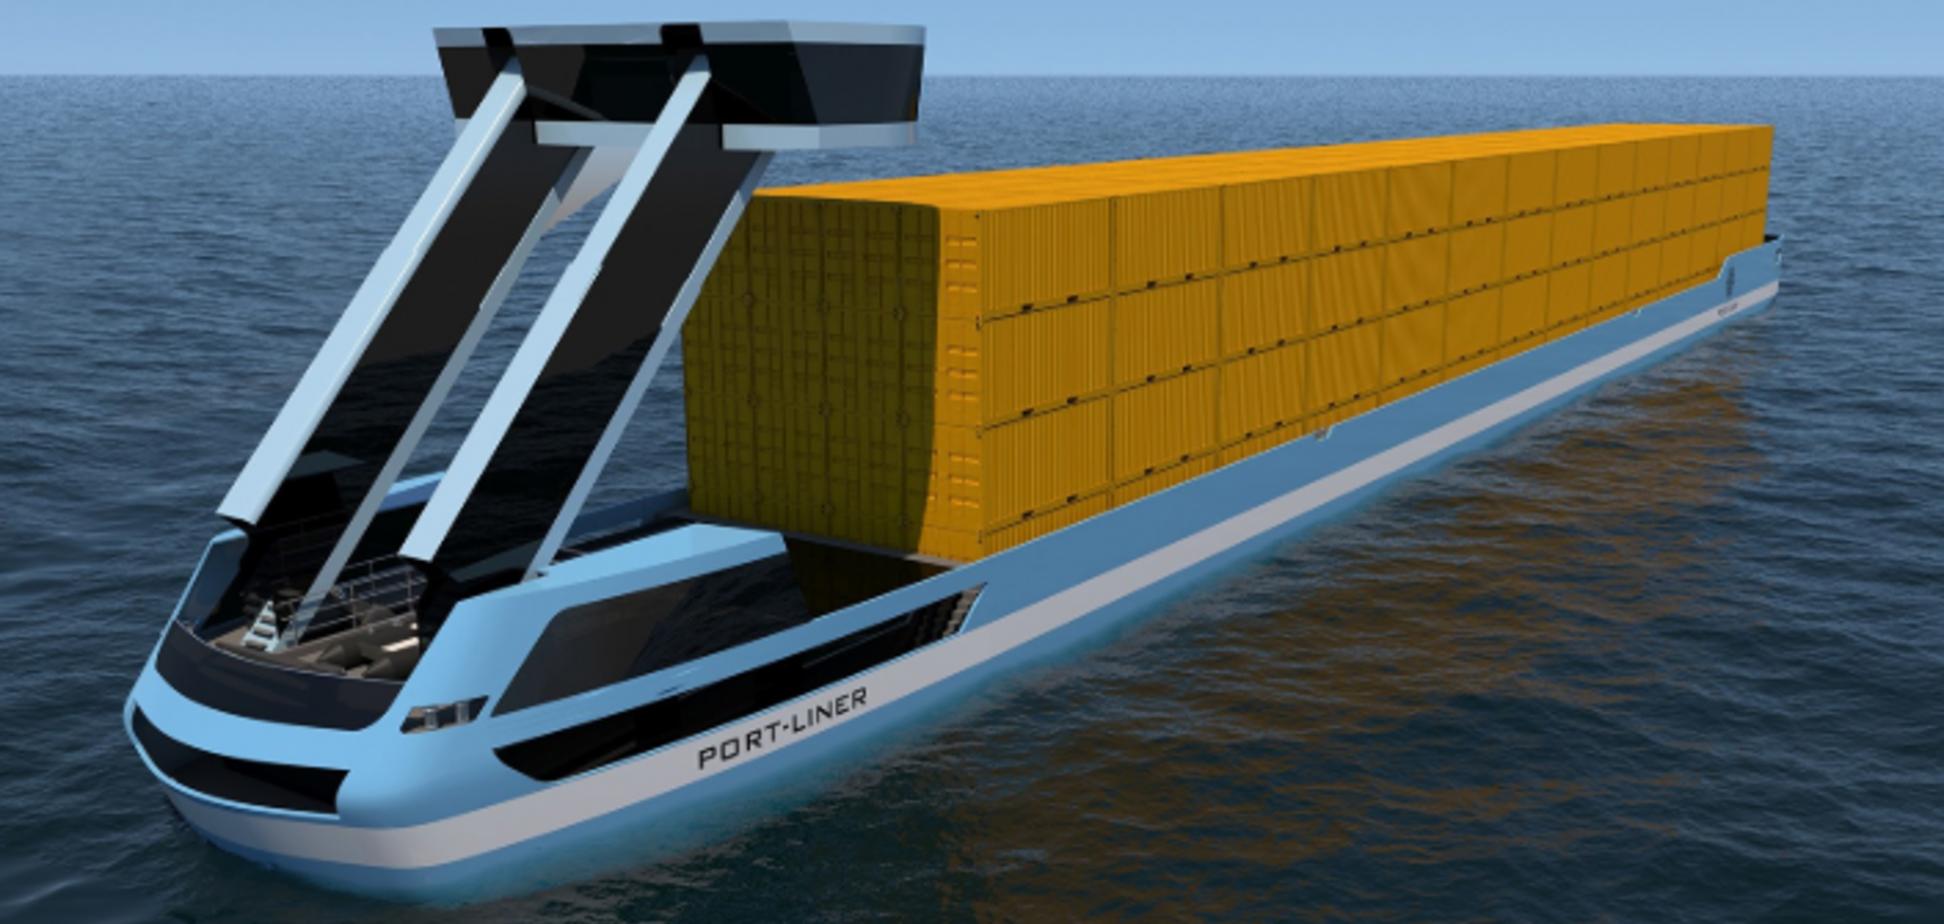 Самый большой порт Европы переведет суда на мобильные источники 'зеленой' энергии